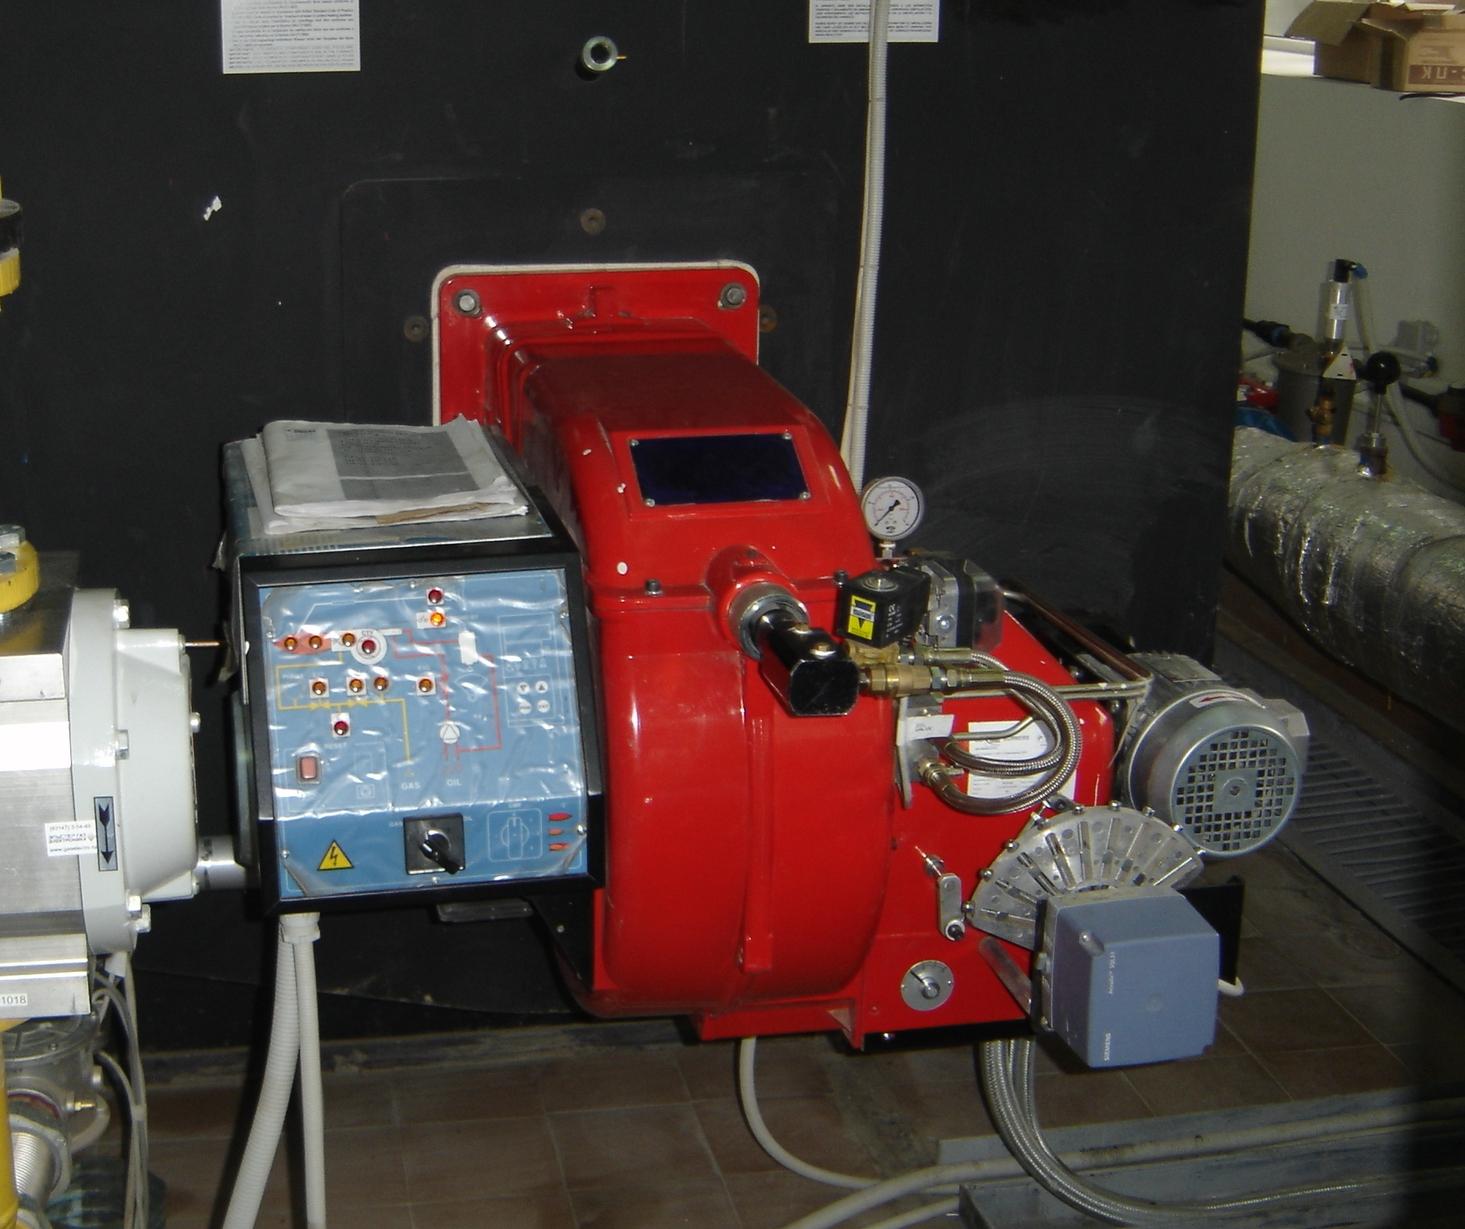 теплогенераторы контейнерного типа на дизельном топливе инструкция по эксплуатации